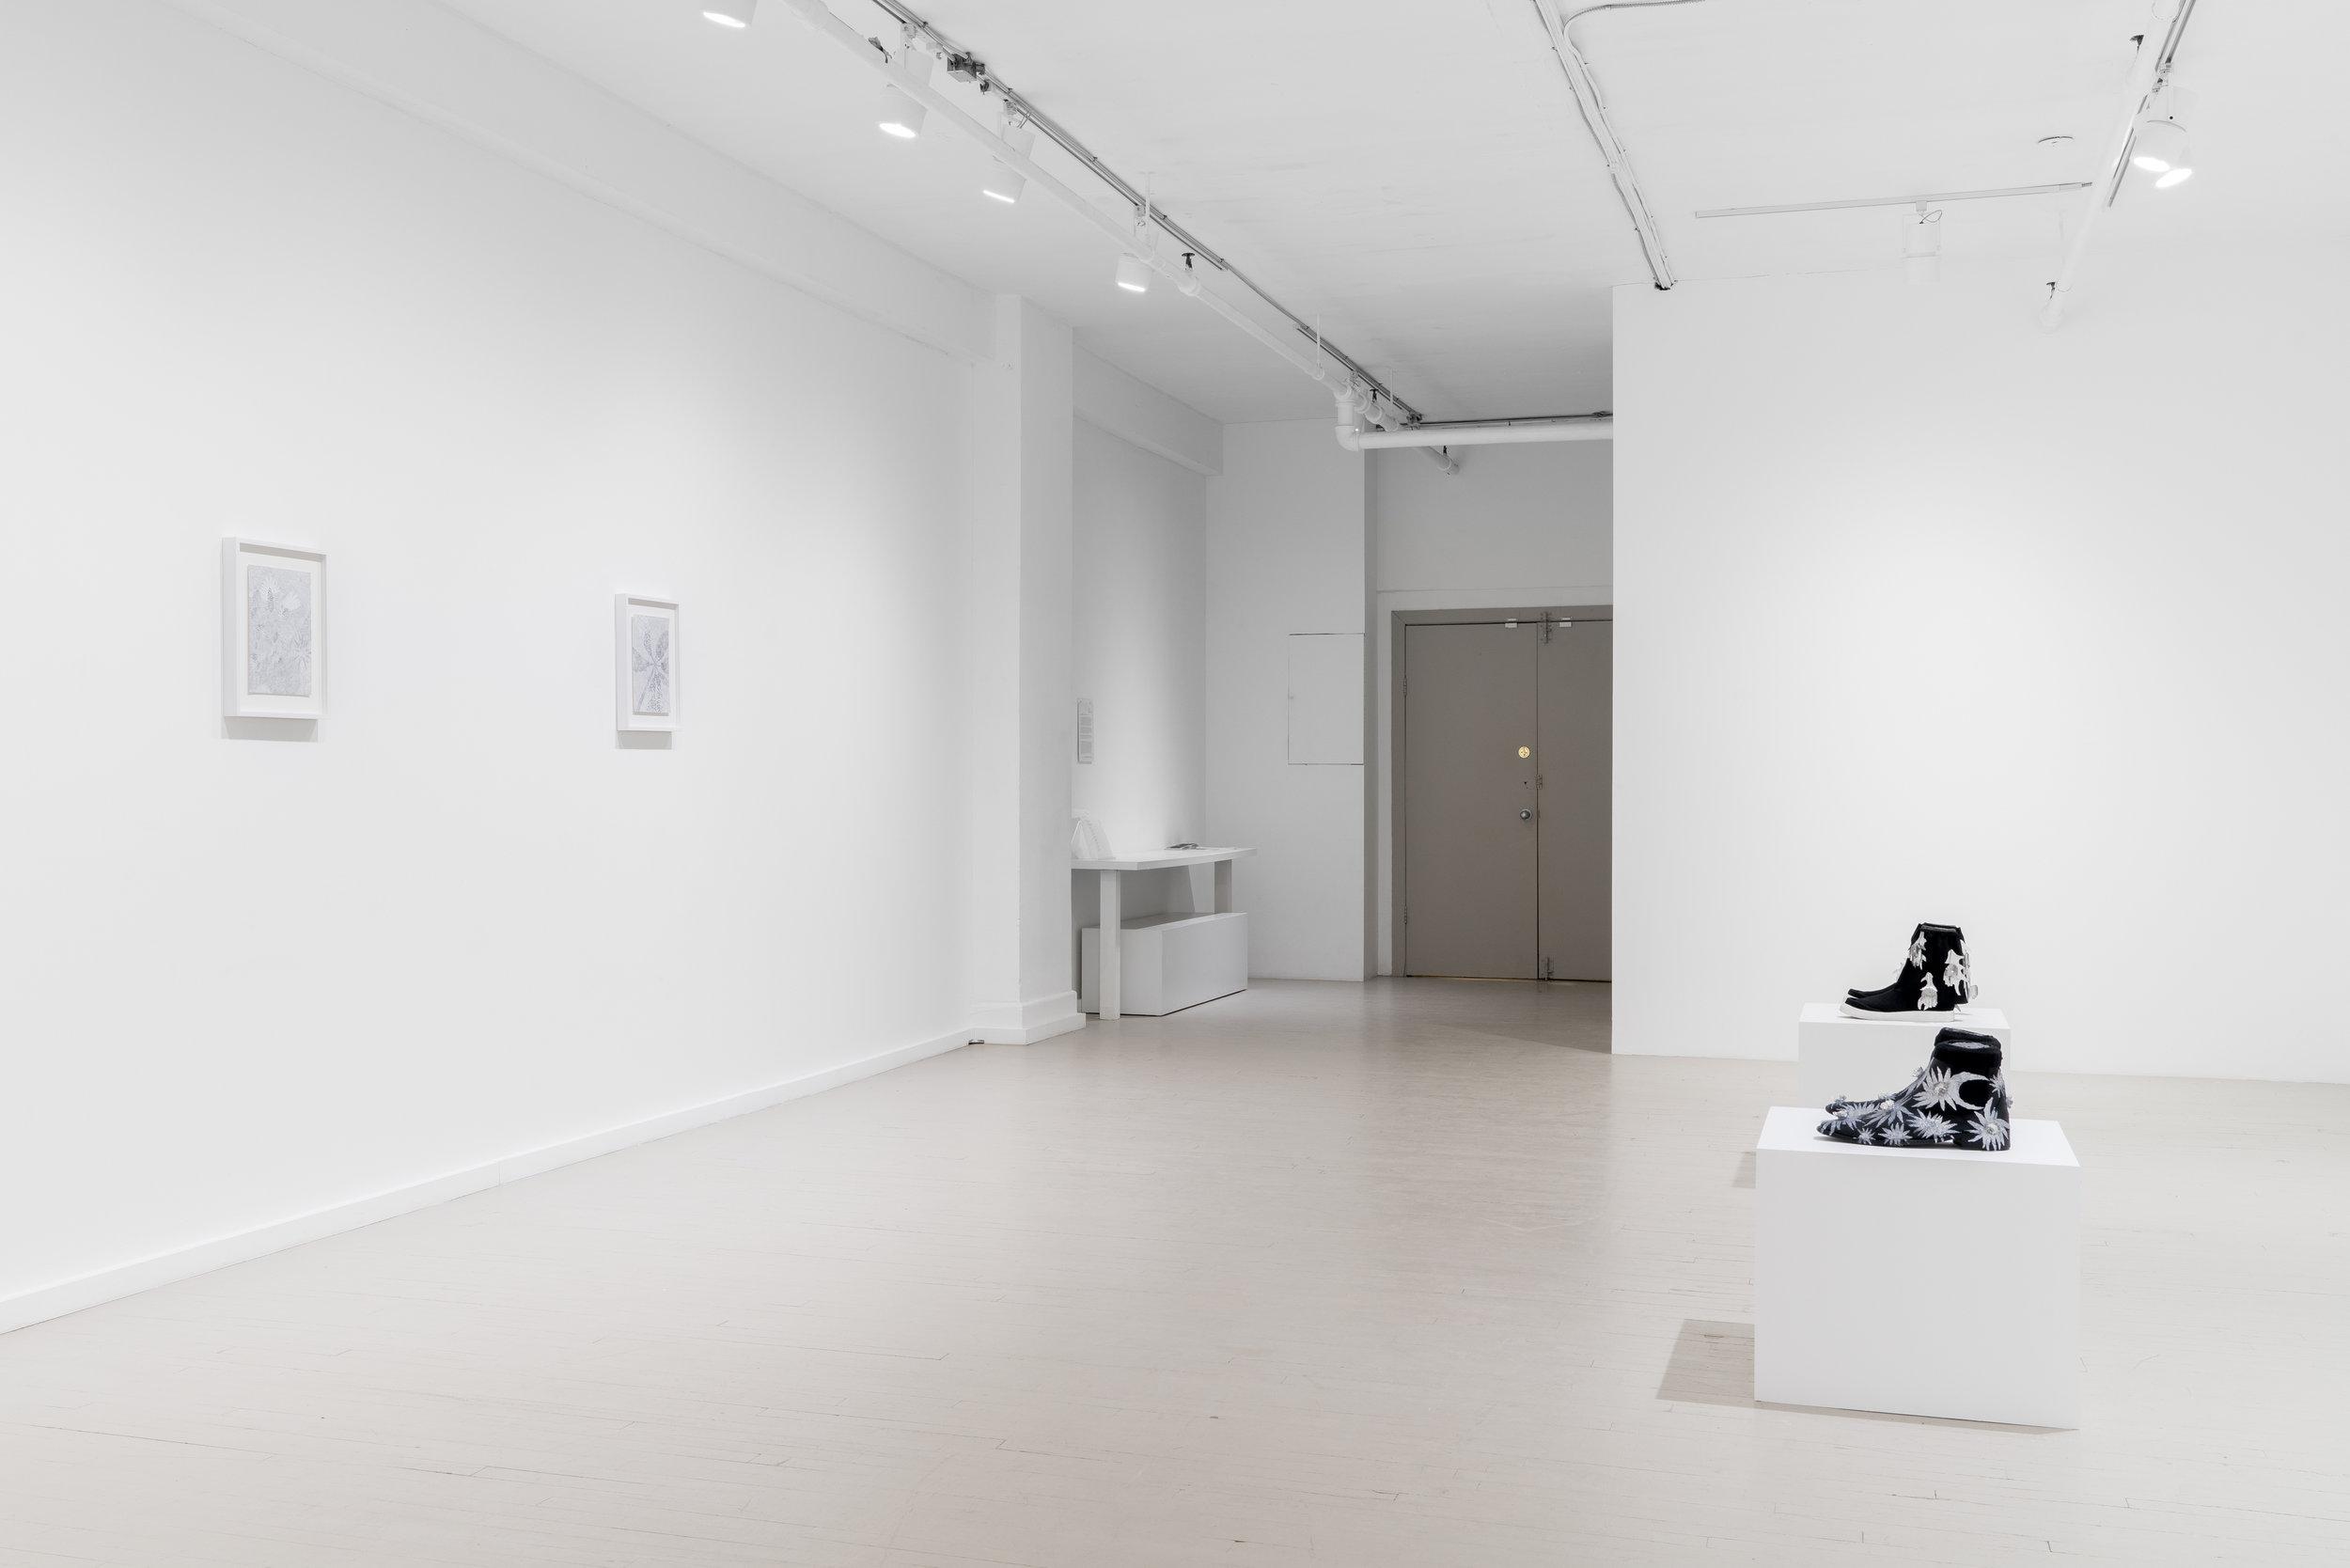 GalerieHuguesCharbonneauAvril2019 (8 of 19).jpg